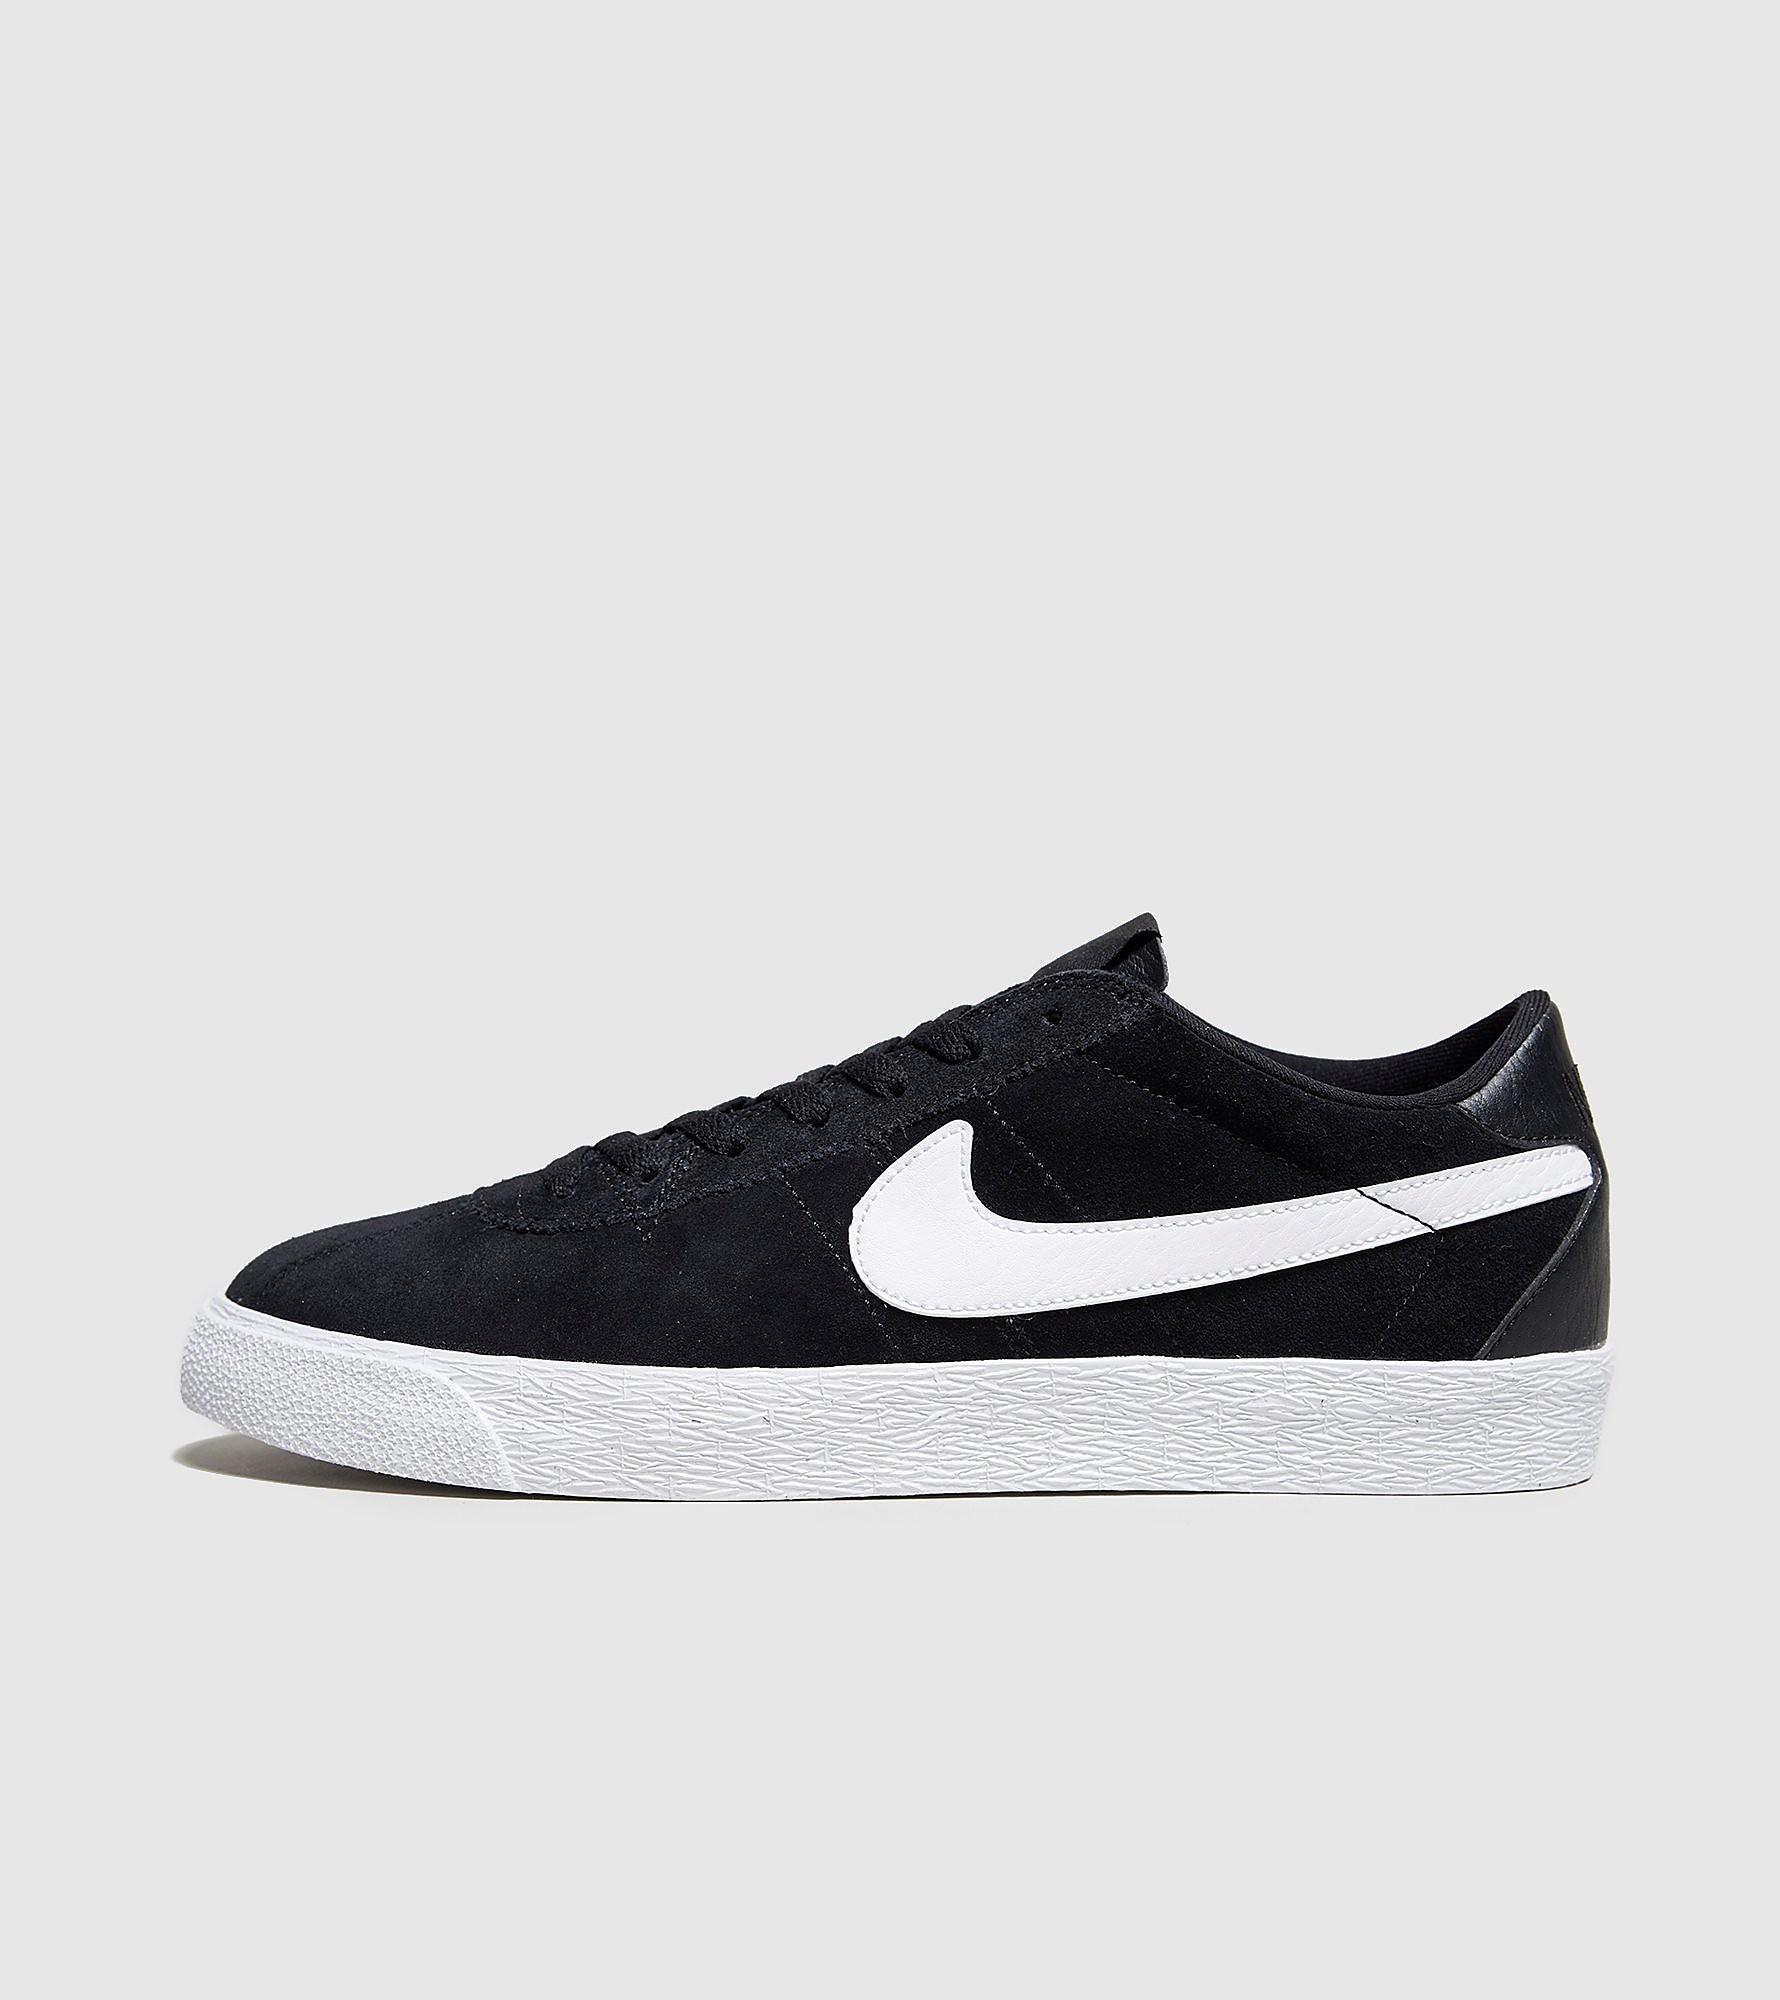 Nike SB Zoom Bruin Premium SE, Black Image